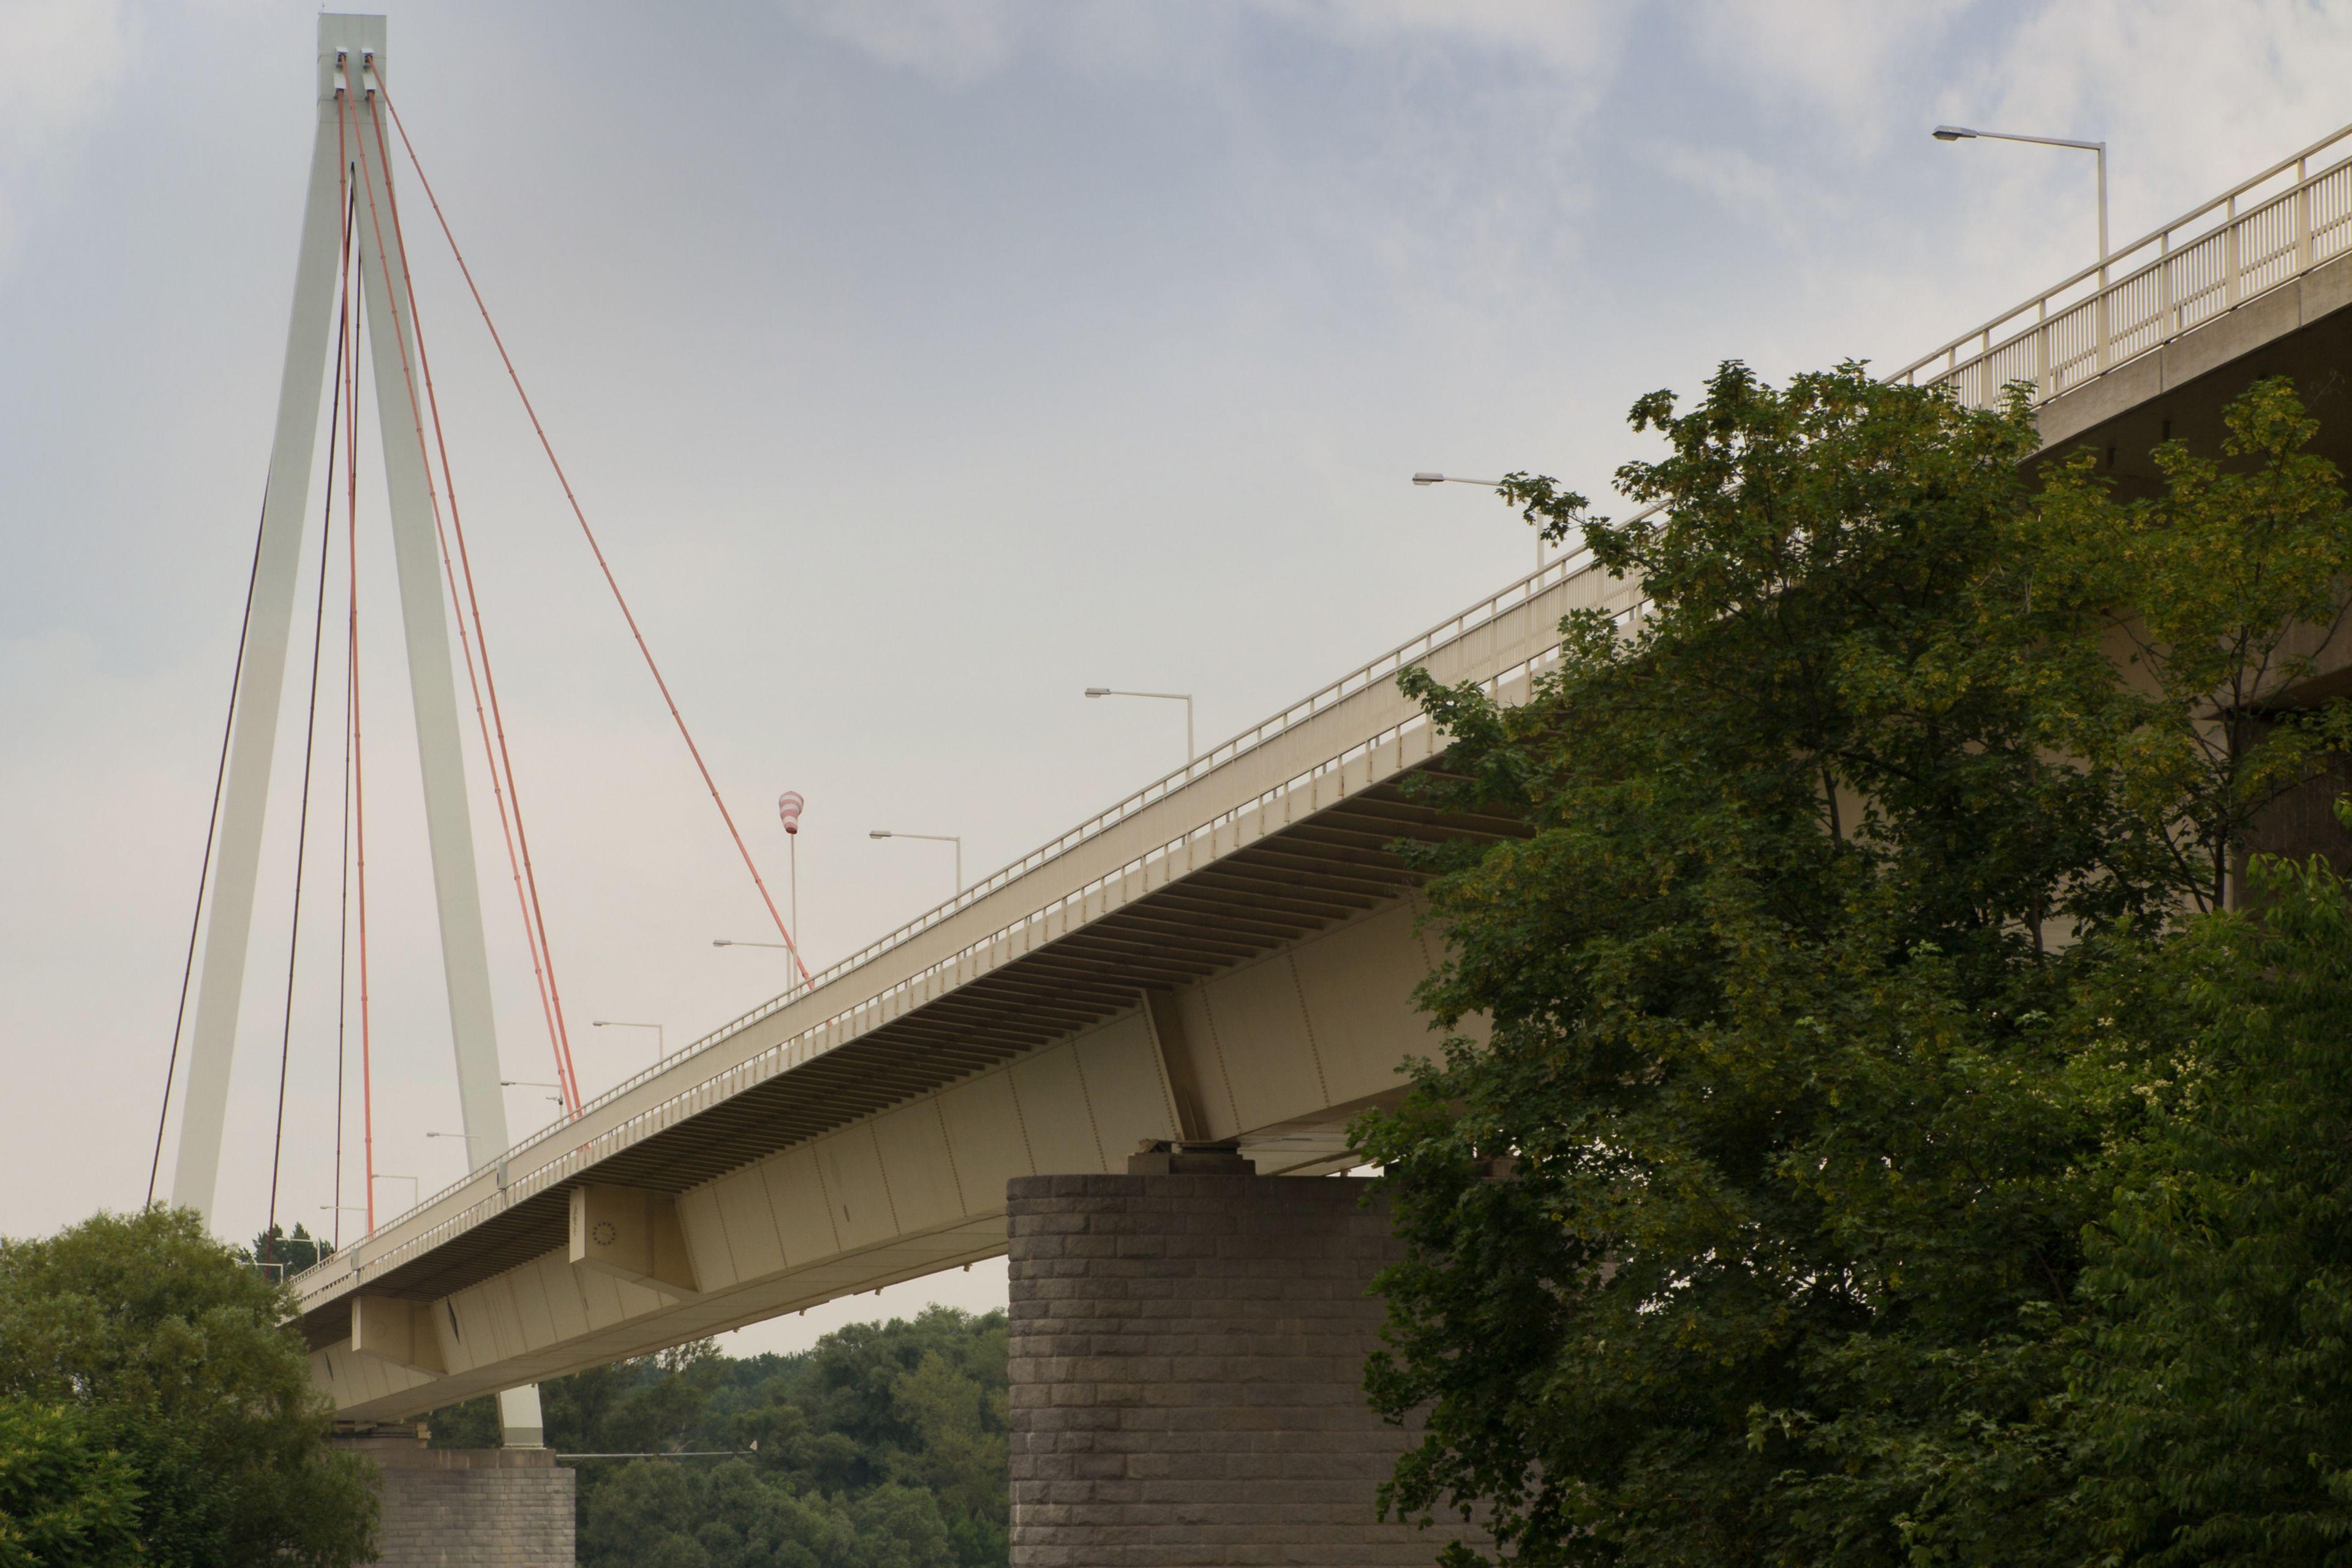 Schrägseilbrücke mit 77 Meter hohen Pylonen